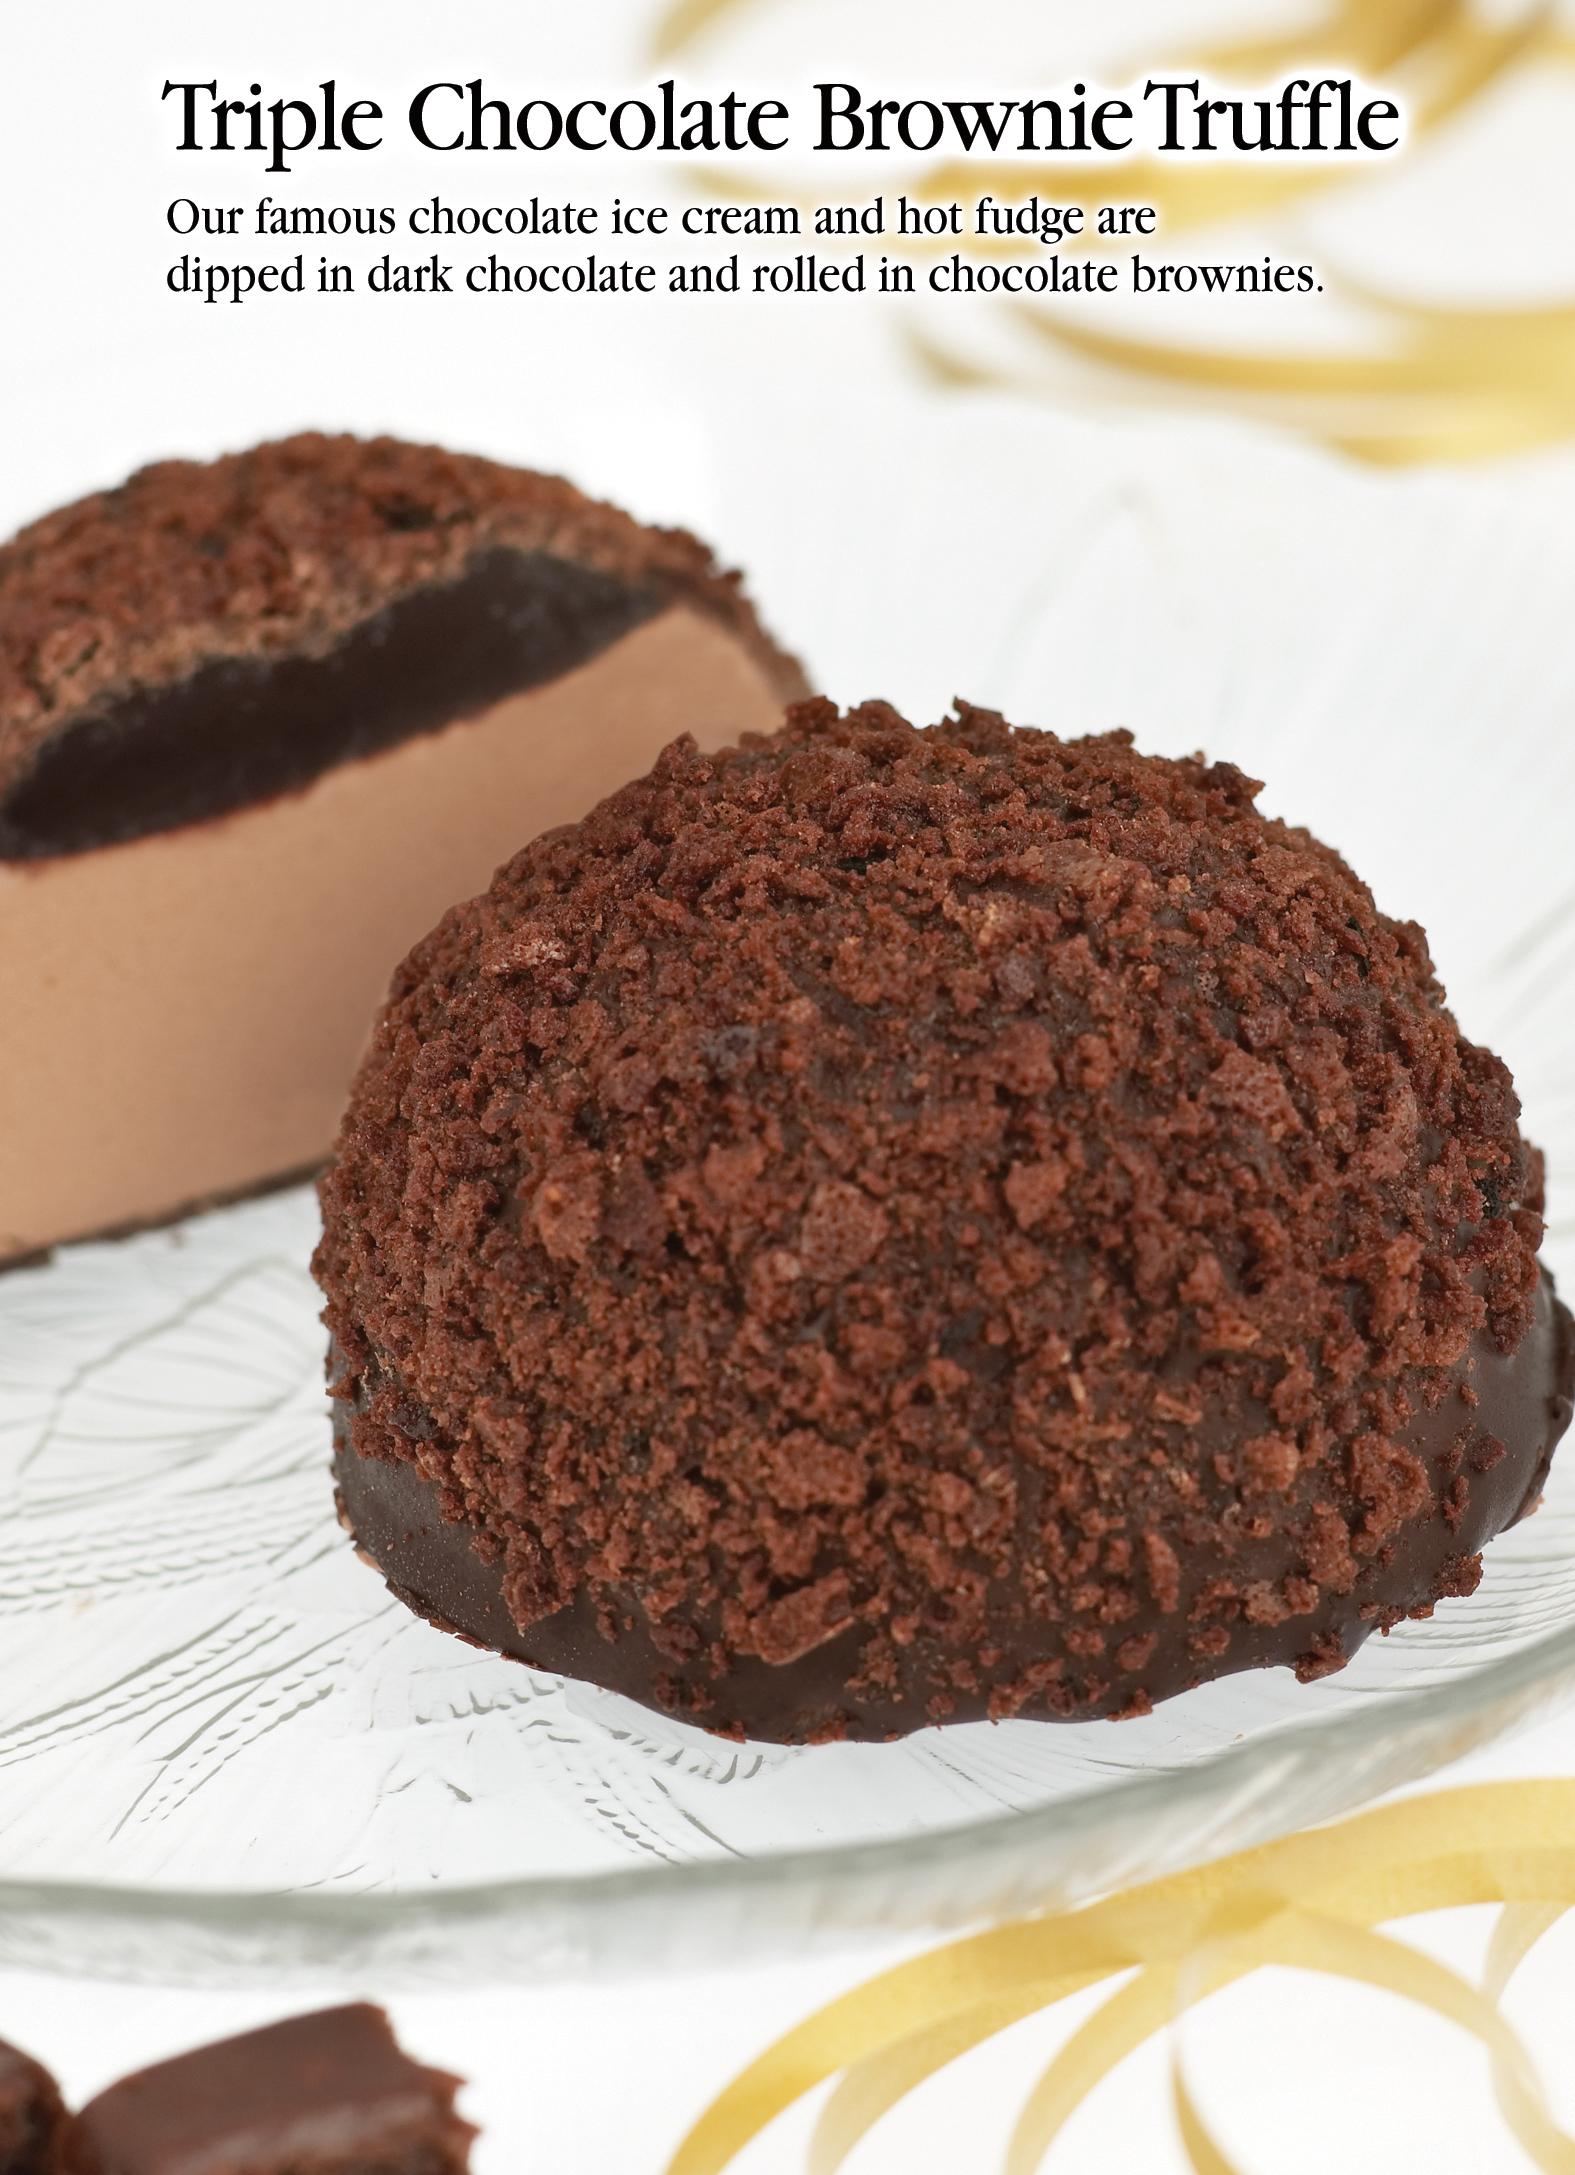 Brownie Truffle menu.jpg